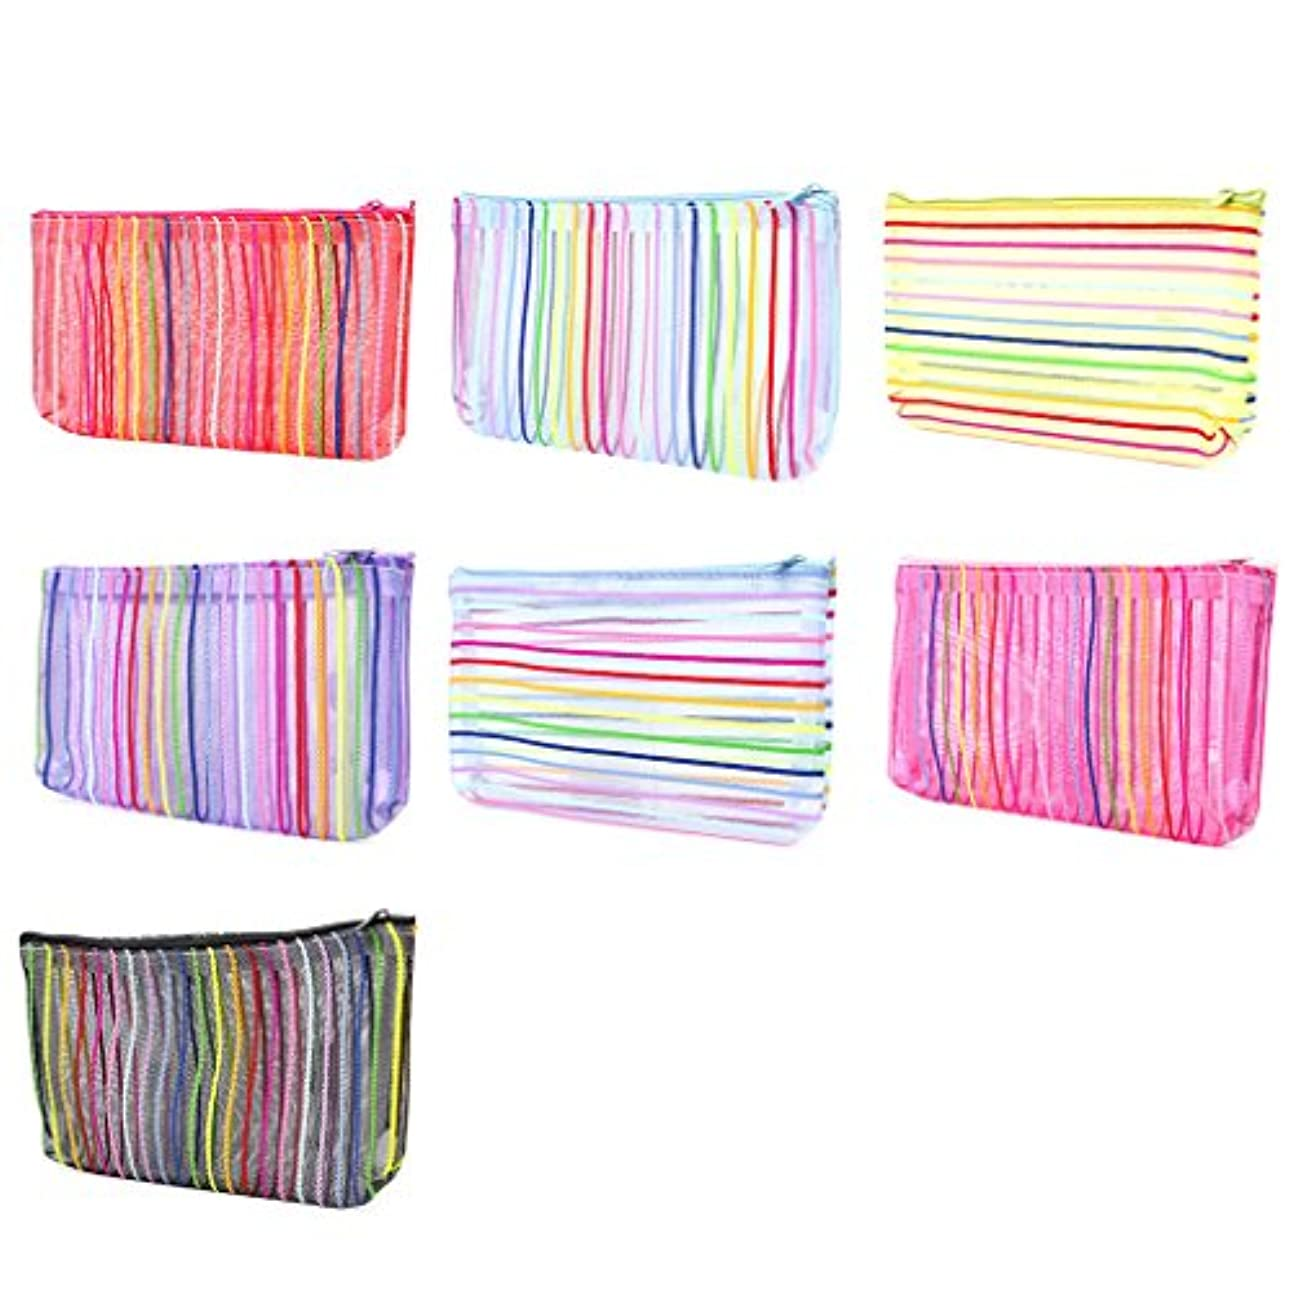 追う罹患率確率SimpleLife Rainbow化粧品バッグ/ナイロンメッシュ化粧ケース/トラベルトイレタリーポーチオーガナイザーバッグ(ジッパー付き)(ランダムカラー)